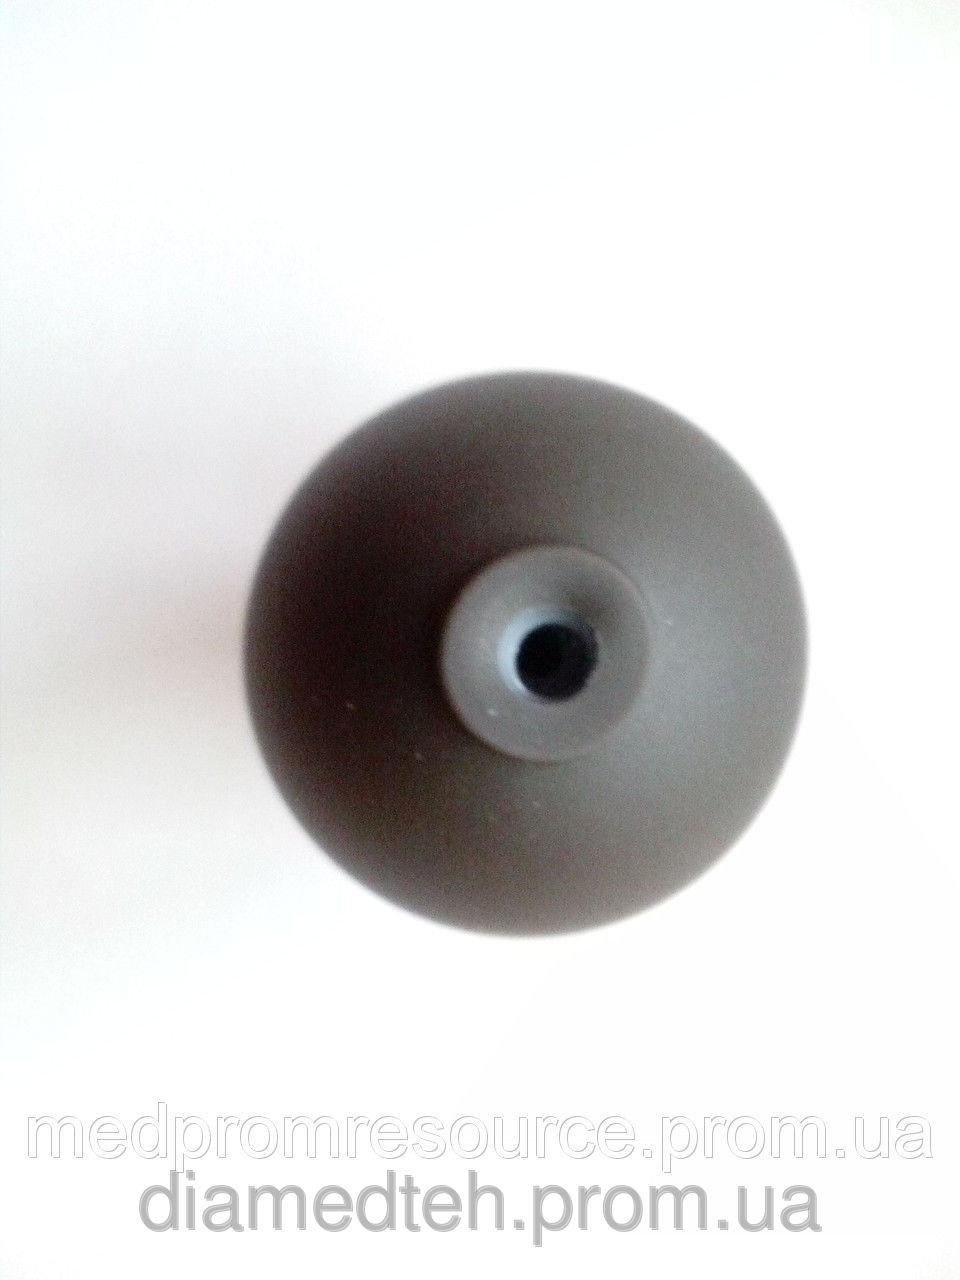 Груша (нагнетатель) PVC на тонометр механический